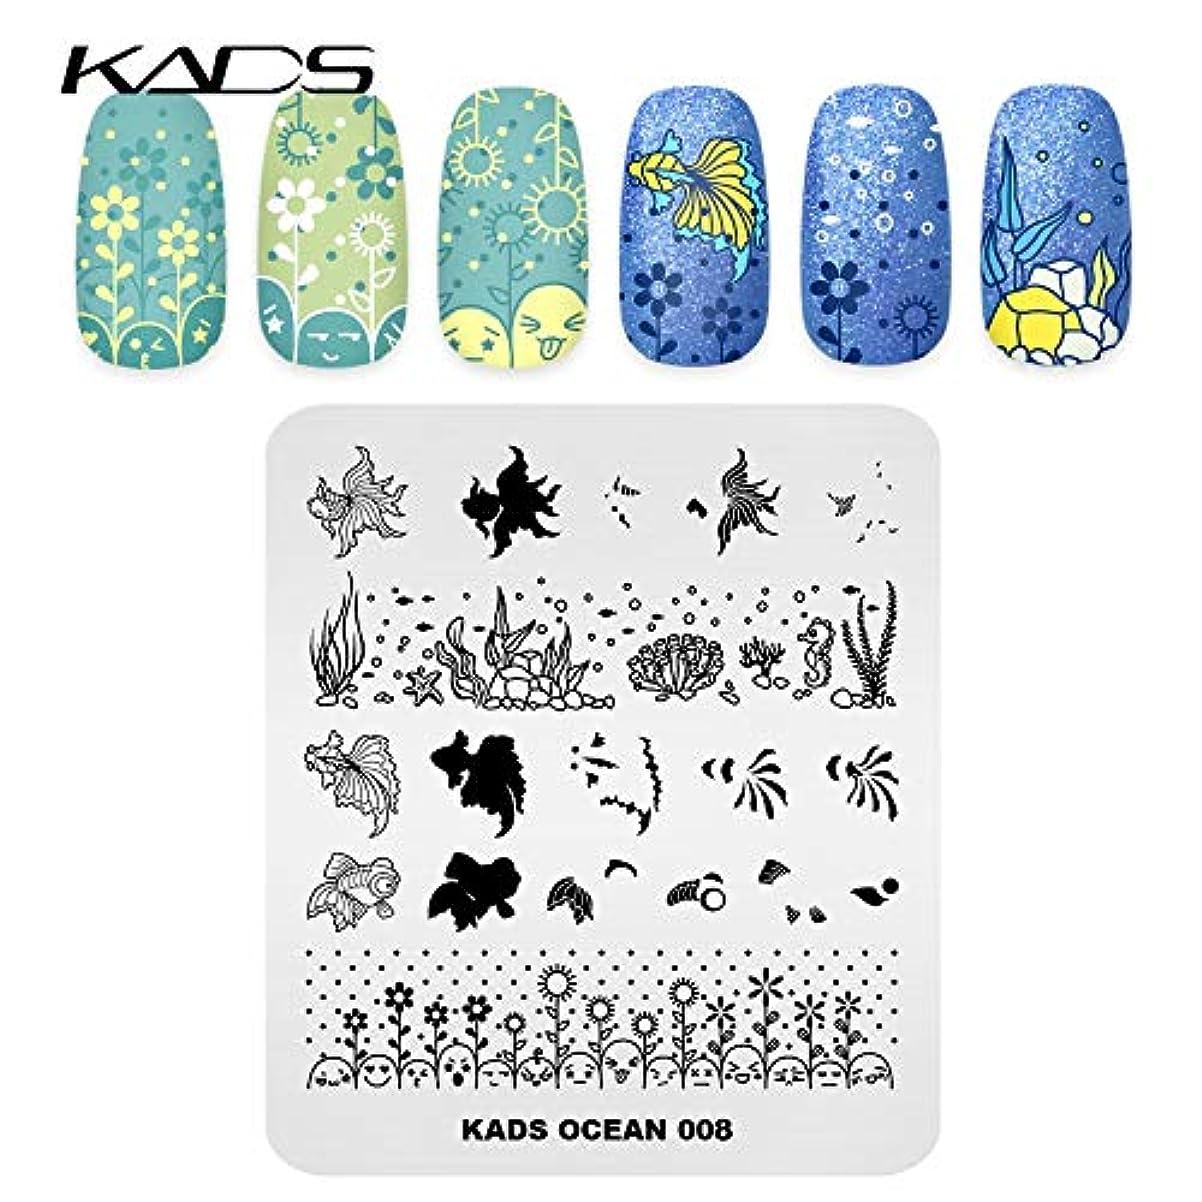 宿るペダル決定KADS ネイルアートスタンピングプレート パターンスタンプテンプレート ネイルイメージプレート (OC008)